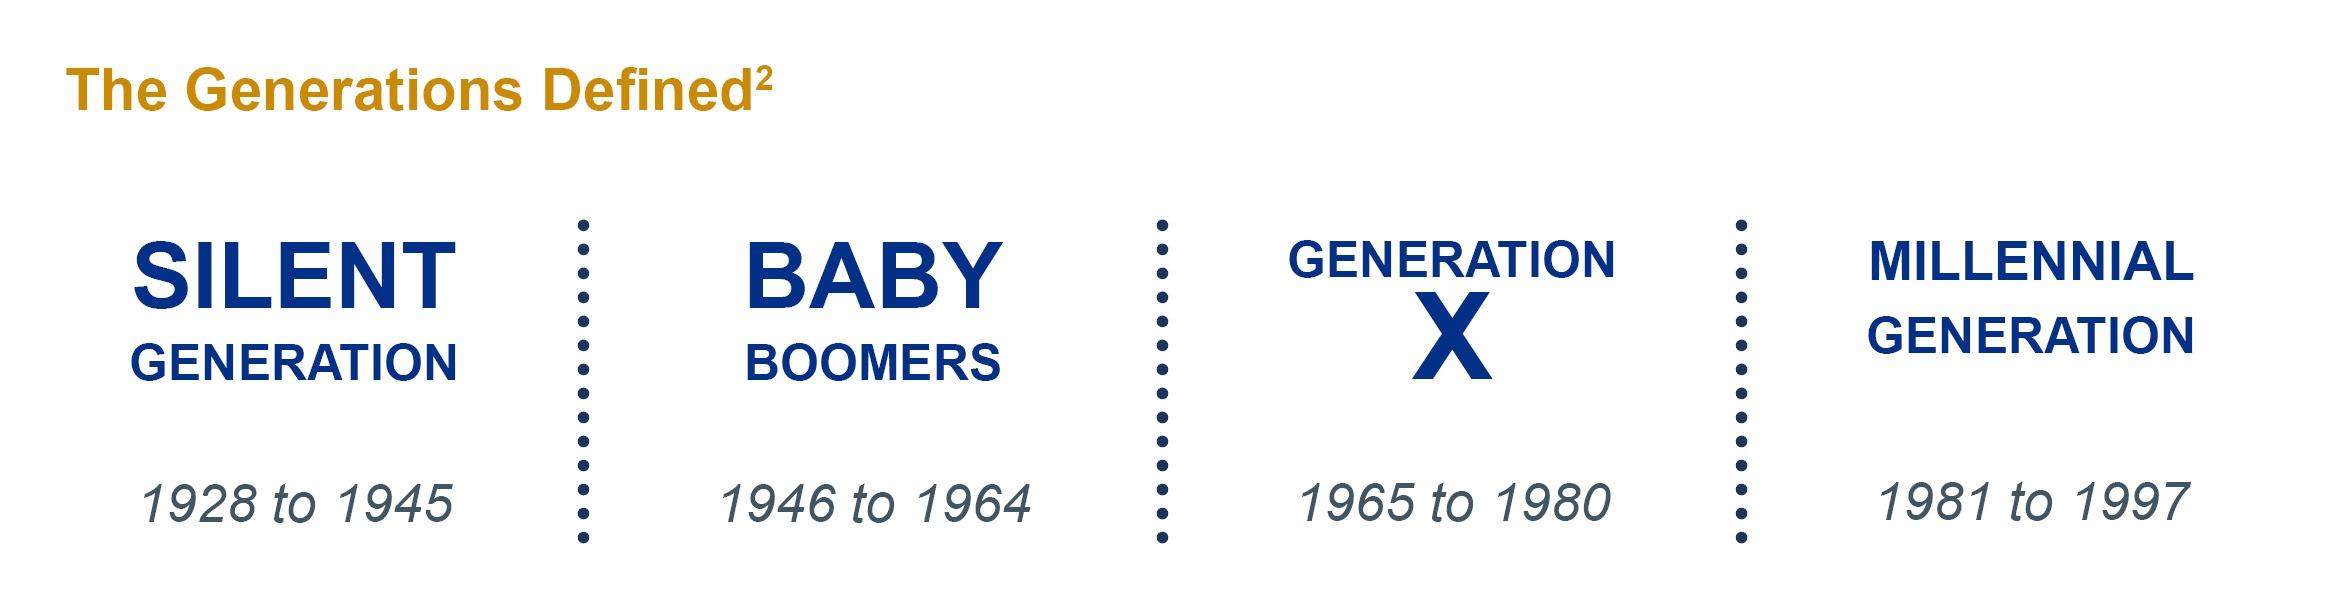 Generations Defined.jpg